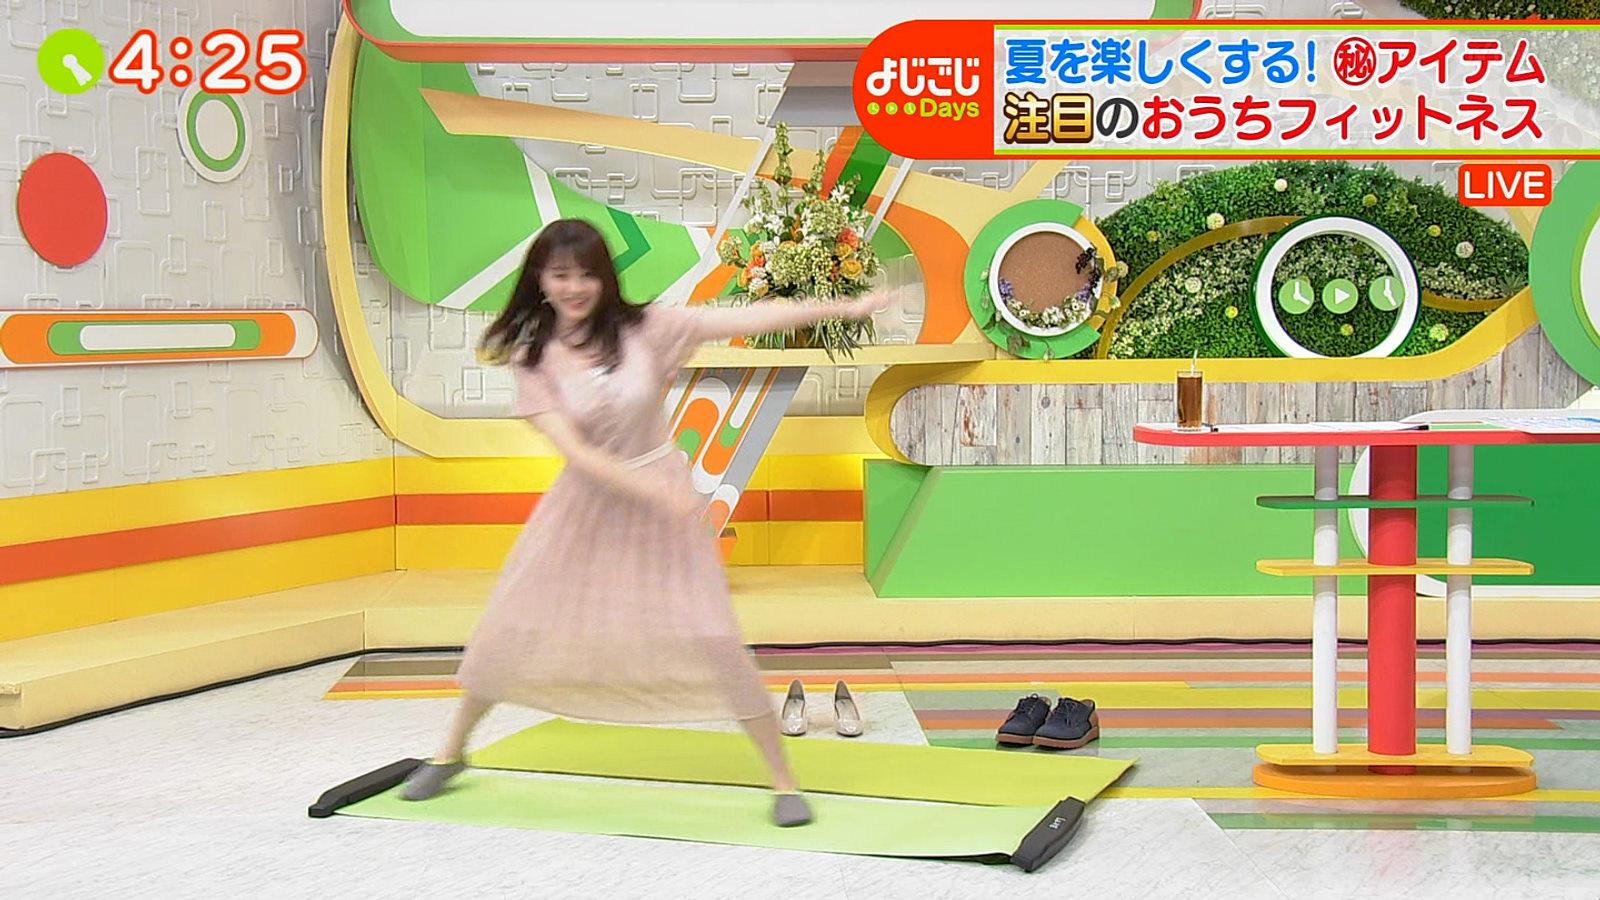 森香澄_女子アナ_おっぱい_乳揺れ_よじごじDAYS_47